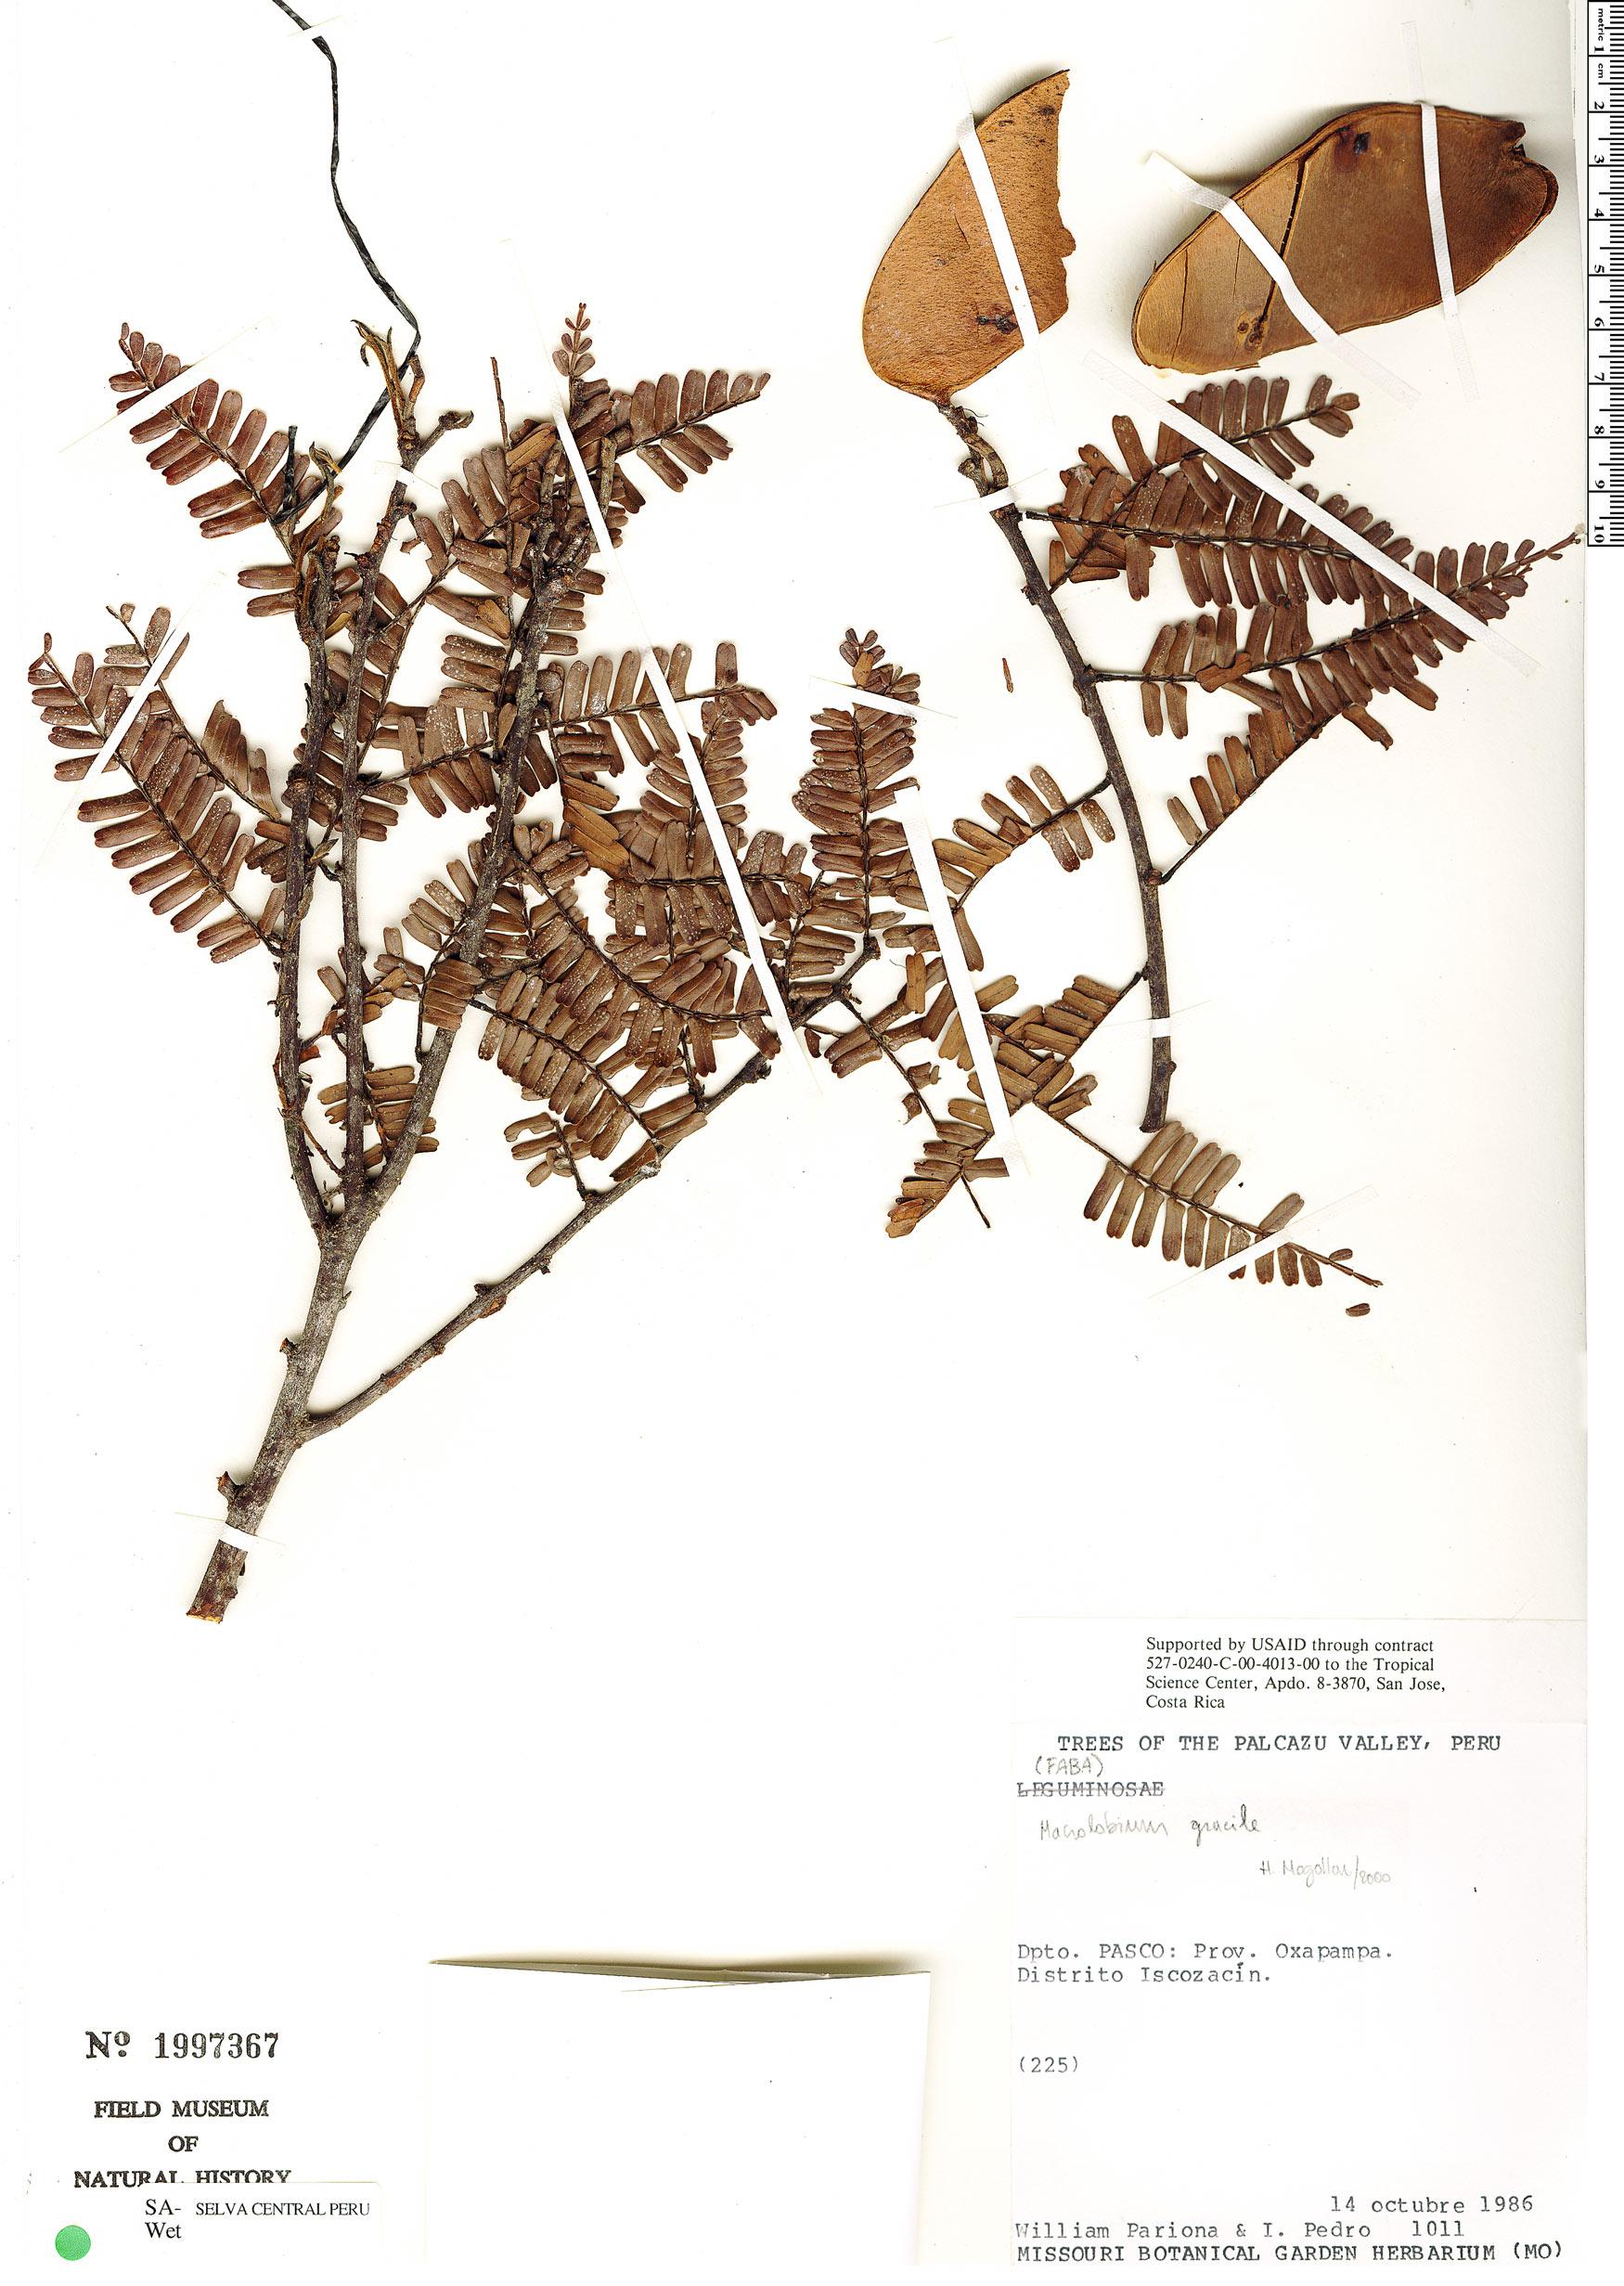 Specimen: Macrolobium gracile